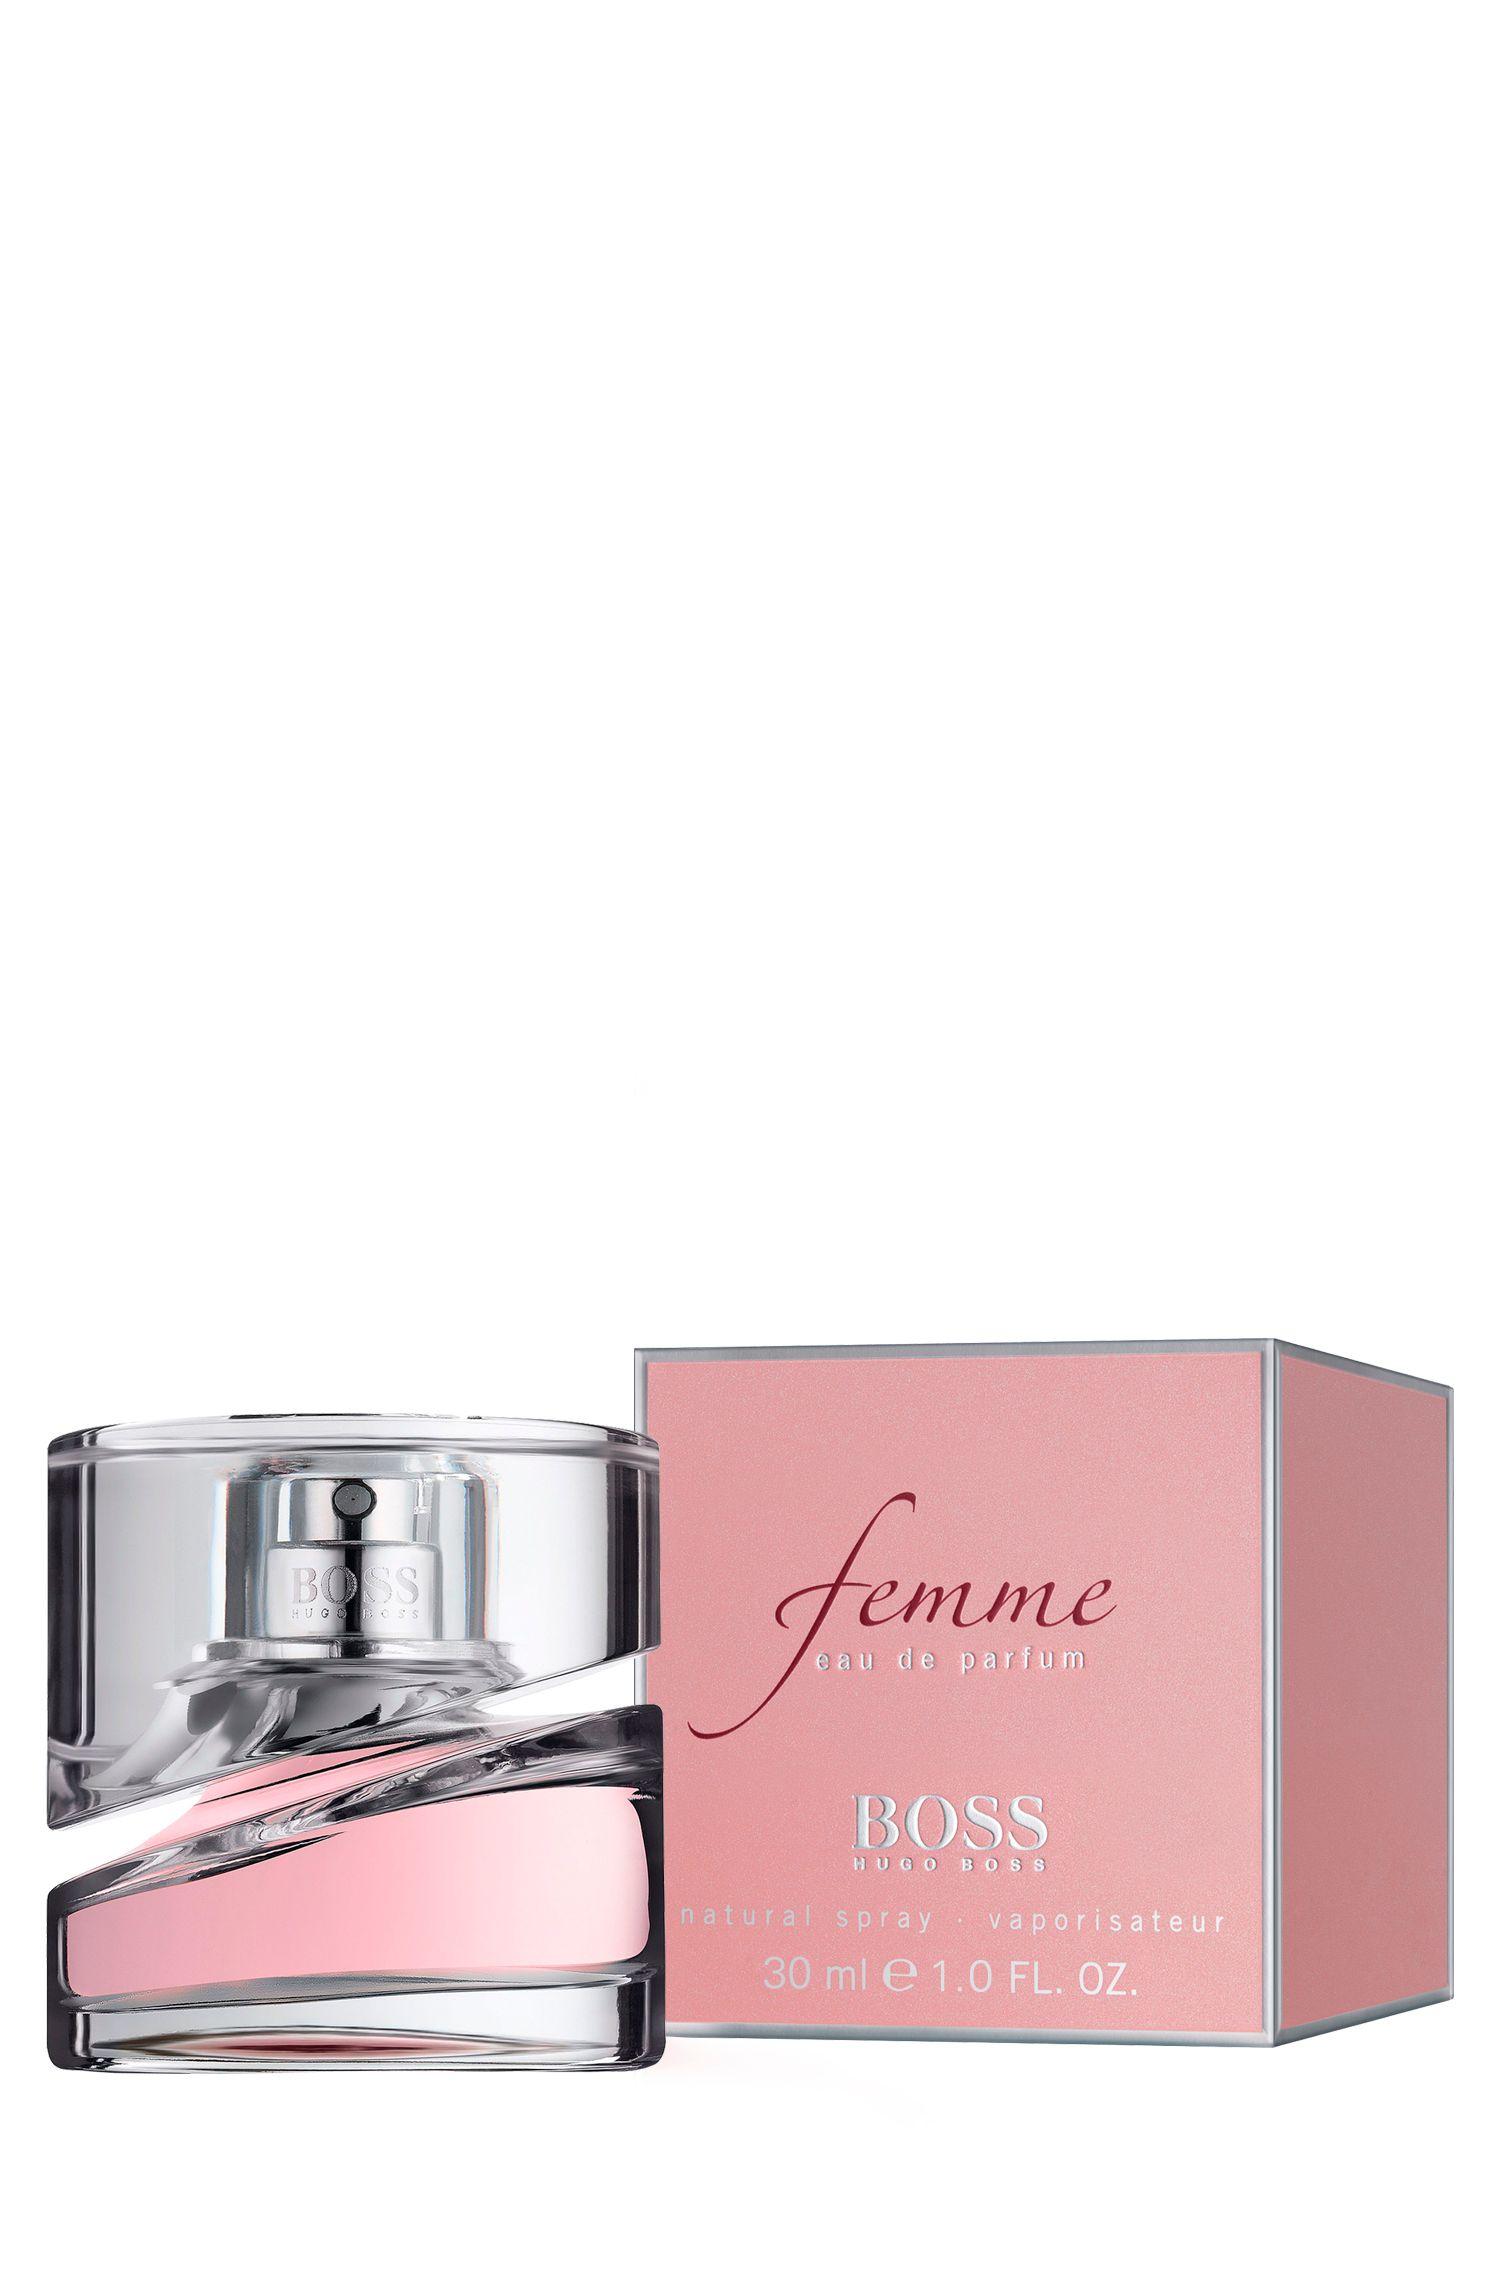 Femme by BOSS eau de parfum 30ml